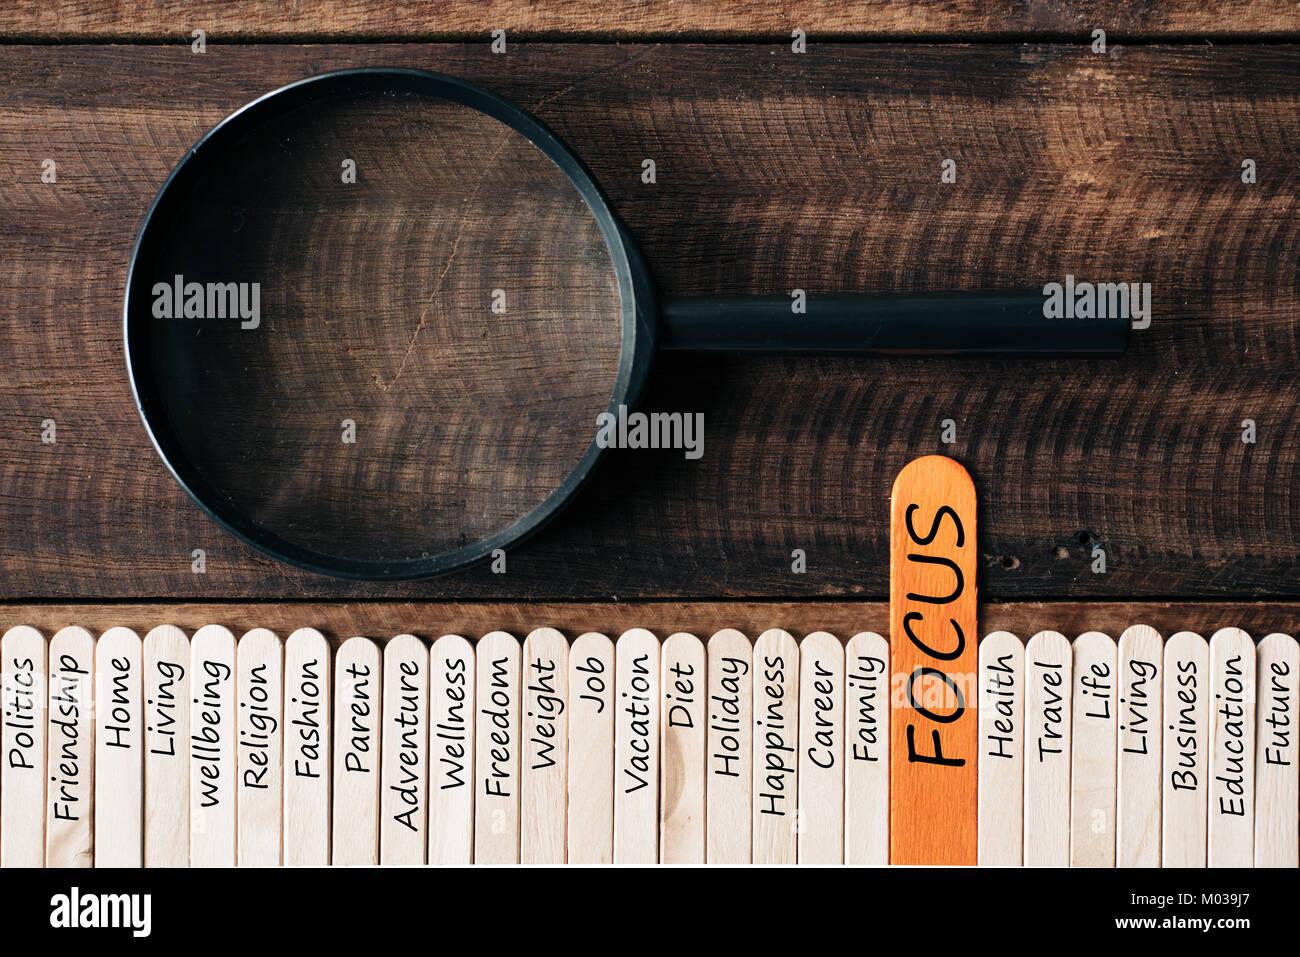 Lupe und Holzstäbchen mit Lifestyle verwandte Wort. Fokus auf Lifestyle Konzept Stockbild